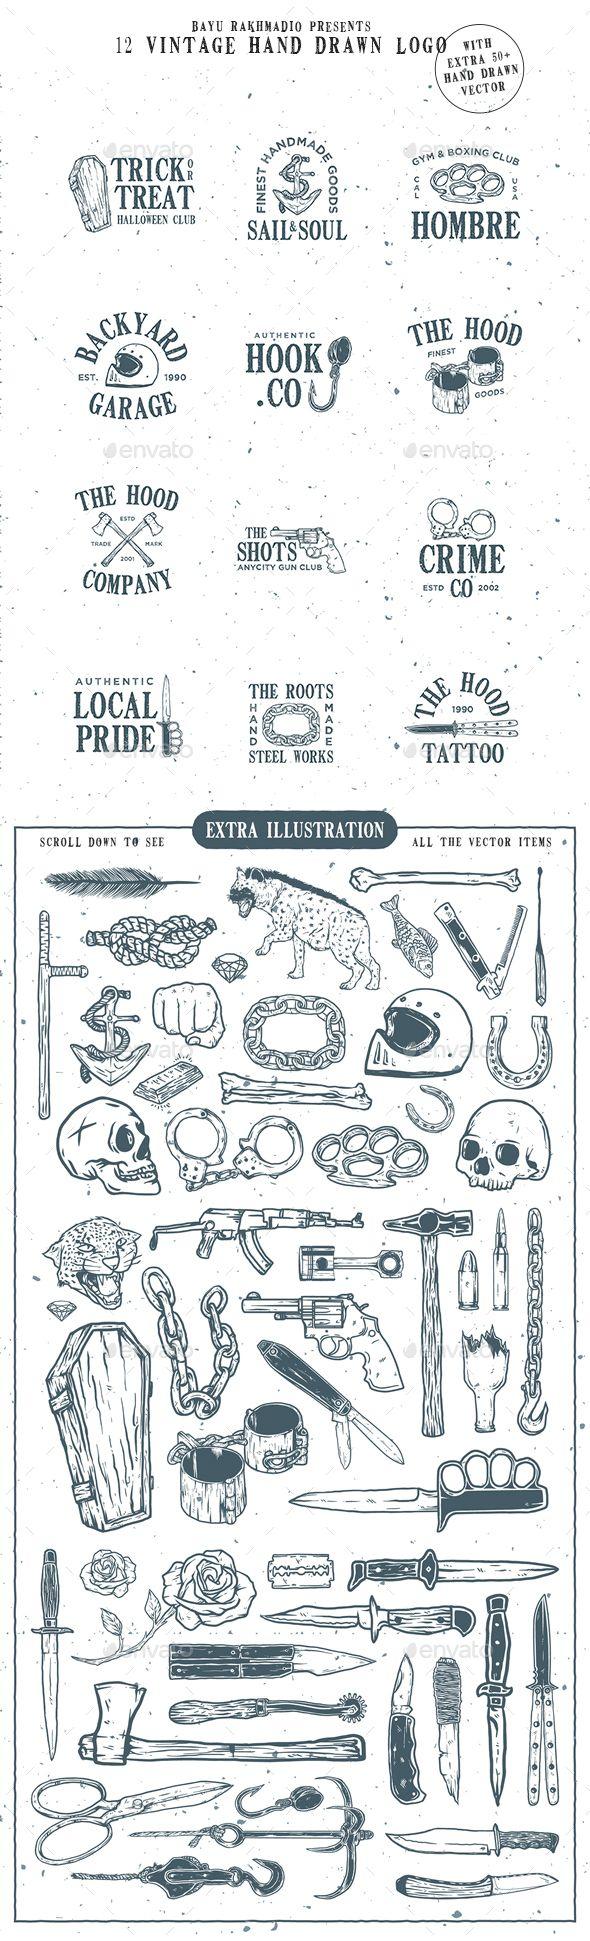 12 Vintage Logo + 50 Extra Illustrations